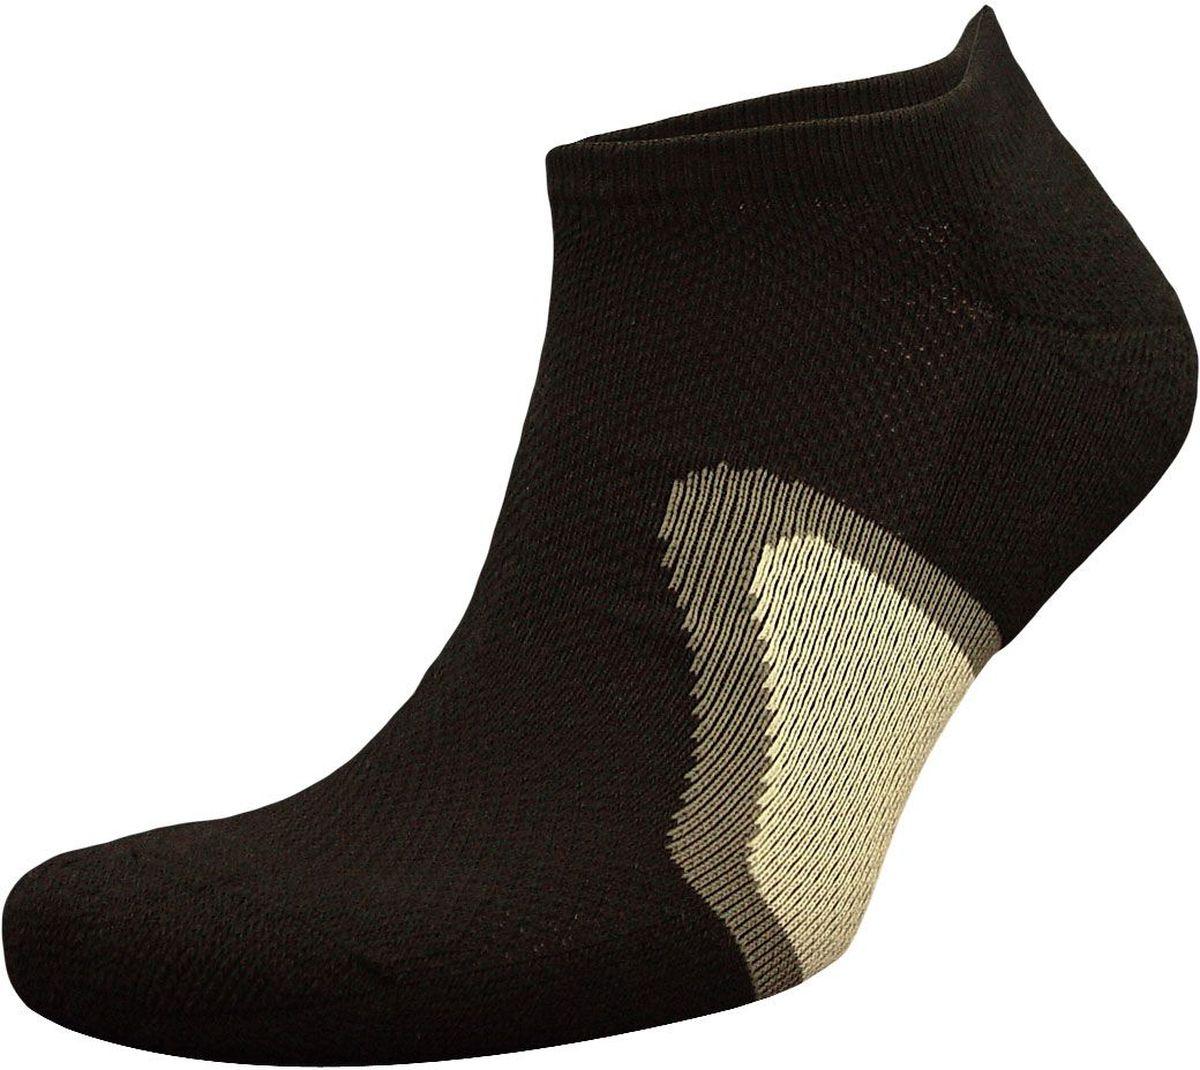 НоскиZC46Мужские носки из высококачественного хлопка для занятий спортом: - сделаны из натурального волокна с уникальной терморегуляцией; - бесшовная технология (кеттельный, плоский шов); - после стирки не меняют цвет; - усиленны пятка и мысок для повышенной износостойкости; - функция отвода влаги позволяет сохранить ноги сухими; - благодаря свойствам эластана, не теряют первоначальный вид; Носки произведены по европейским стандартам на современный вязальных автоматах.